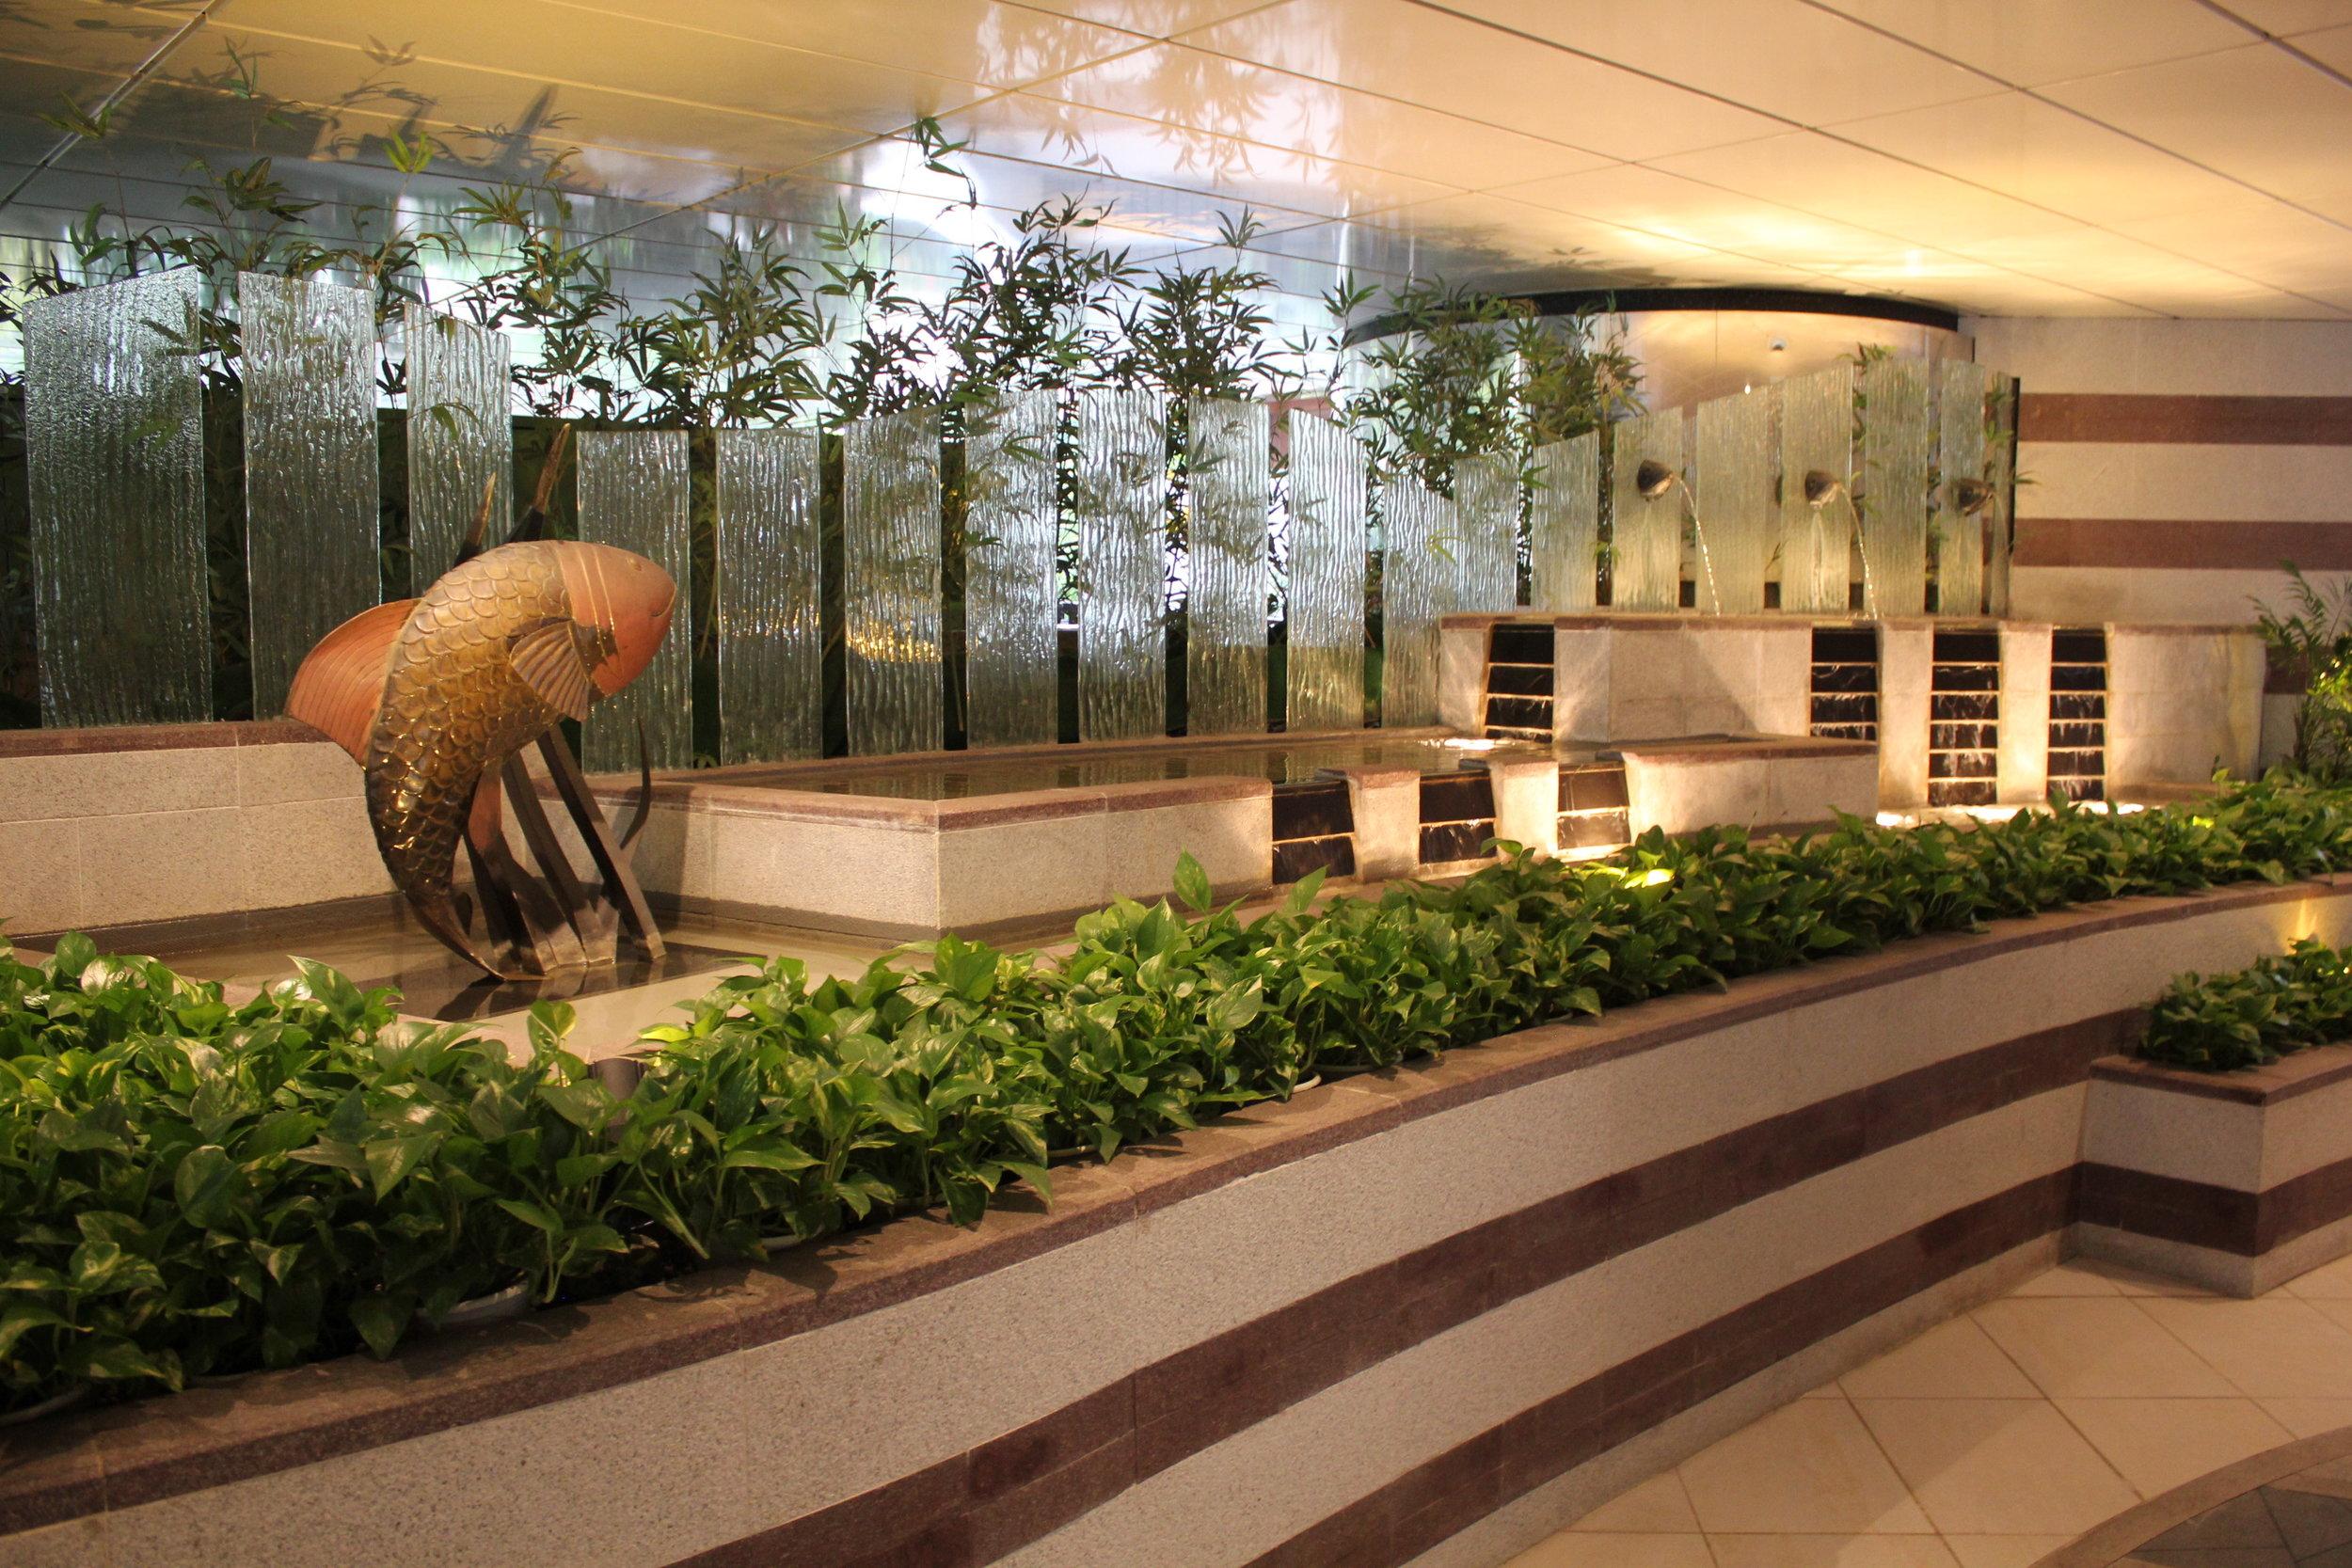 JW Marriott Hong Kong – Fish Bar decor